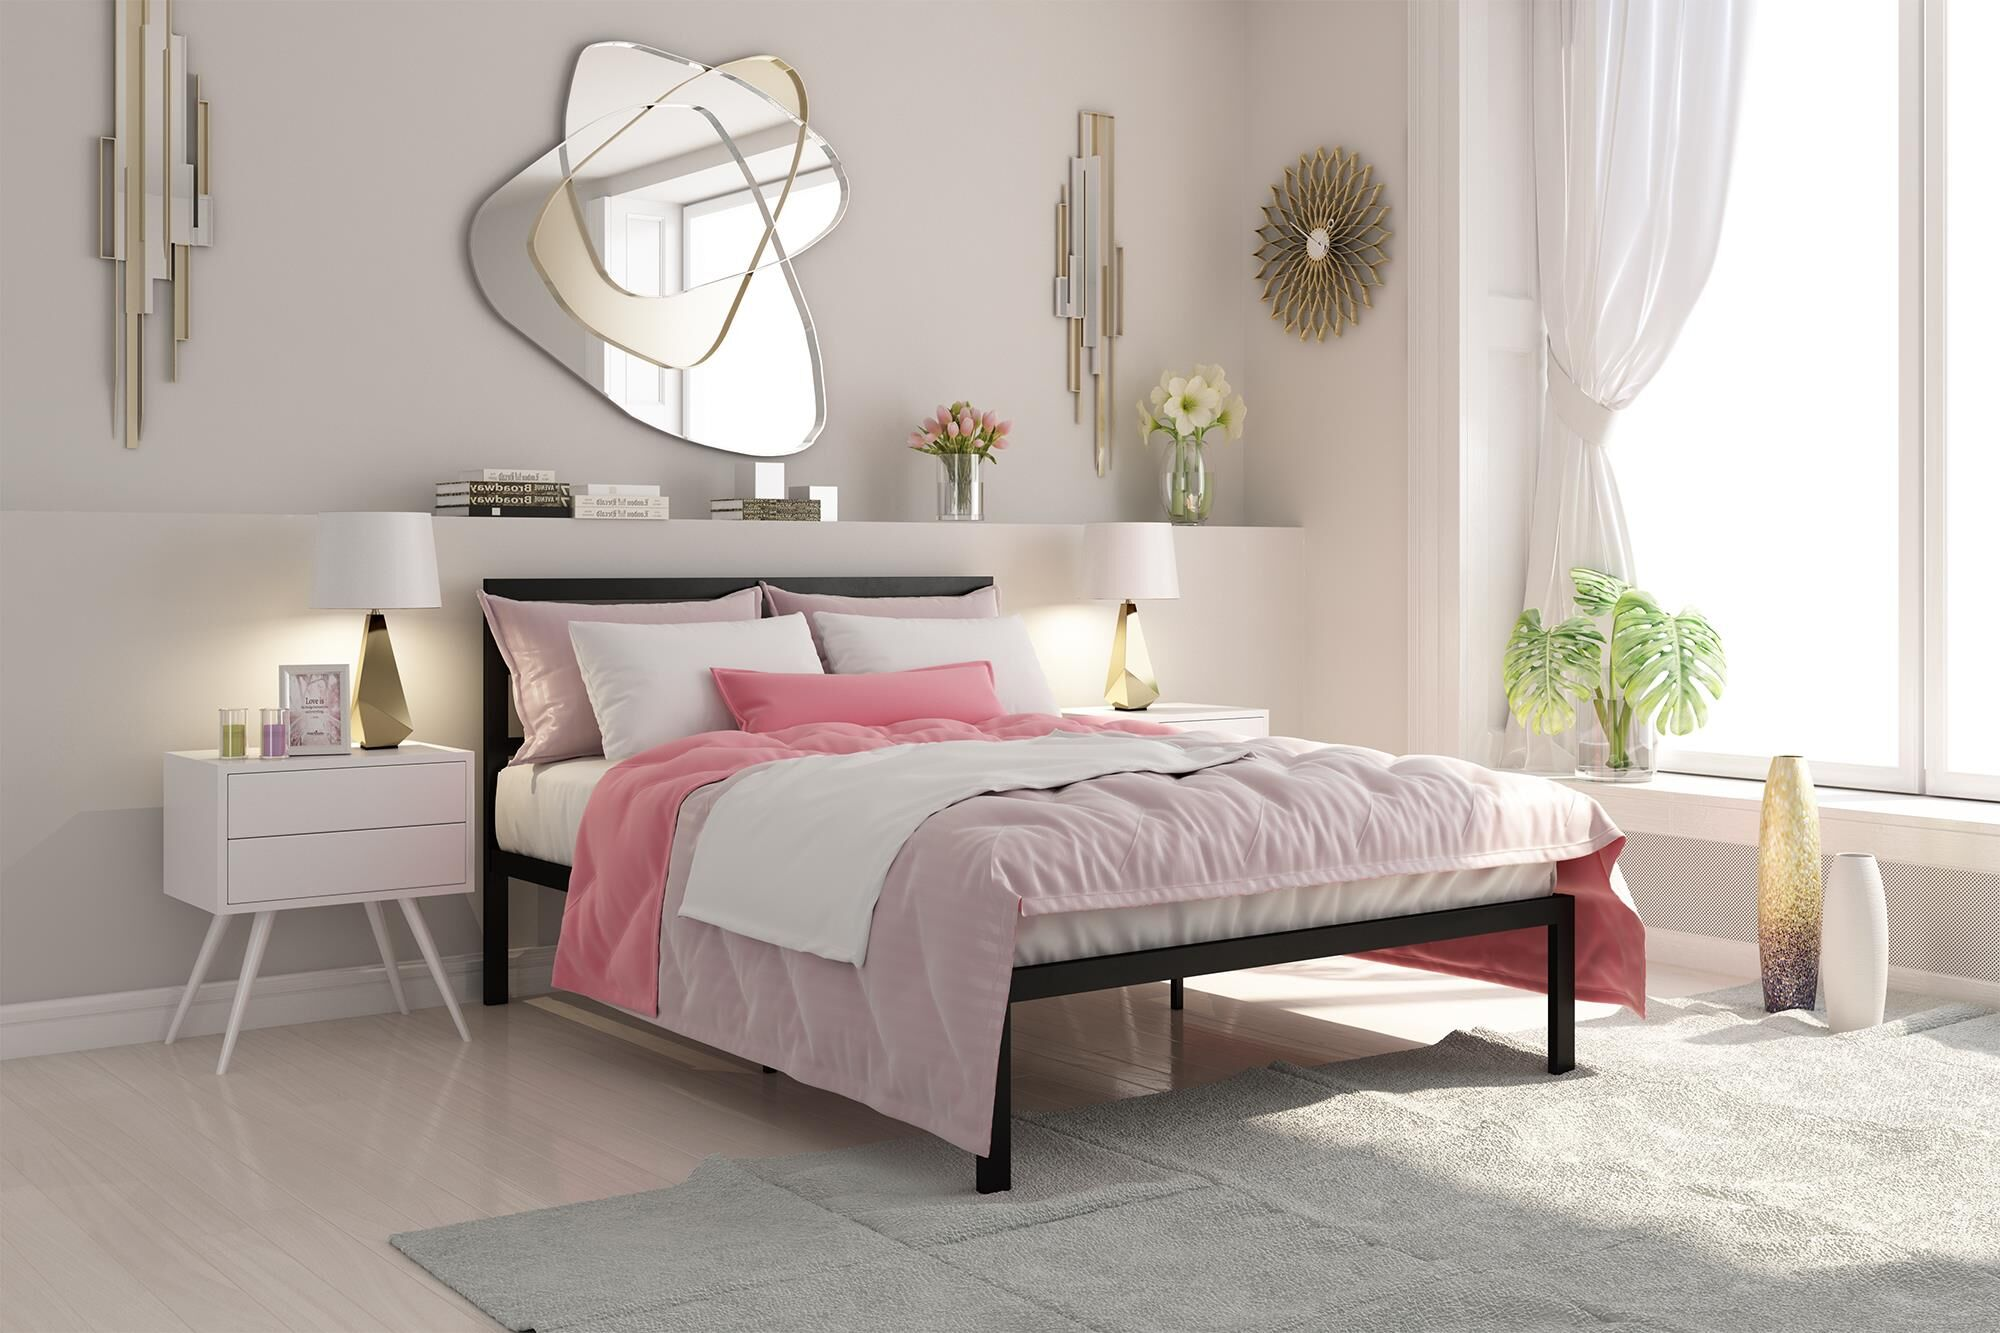 Sindel Platform Bed with Mattress Color: Black, Size: Full